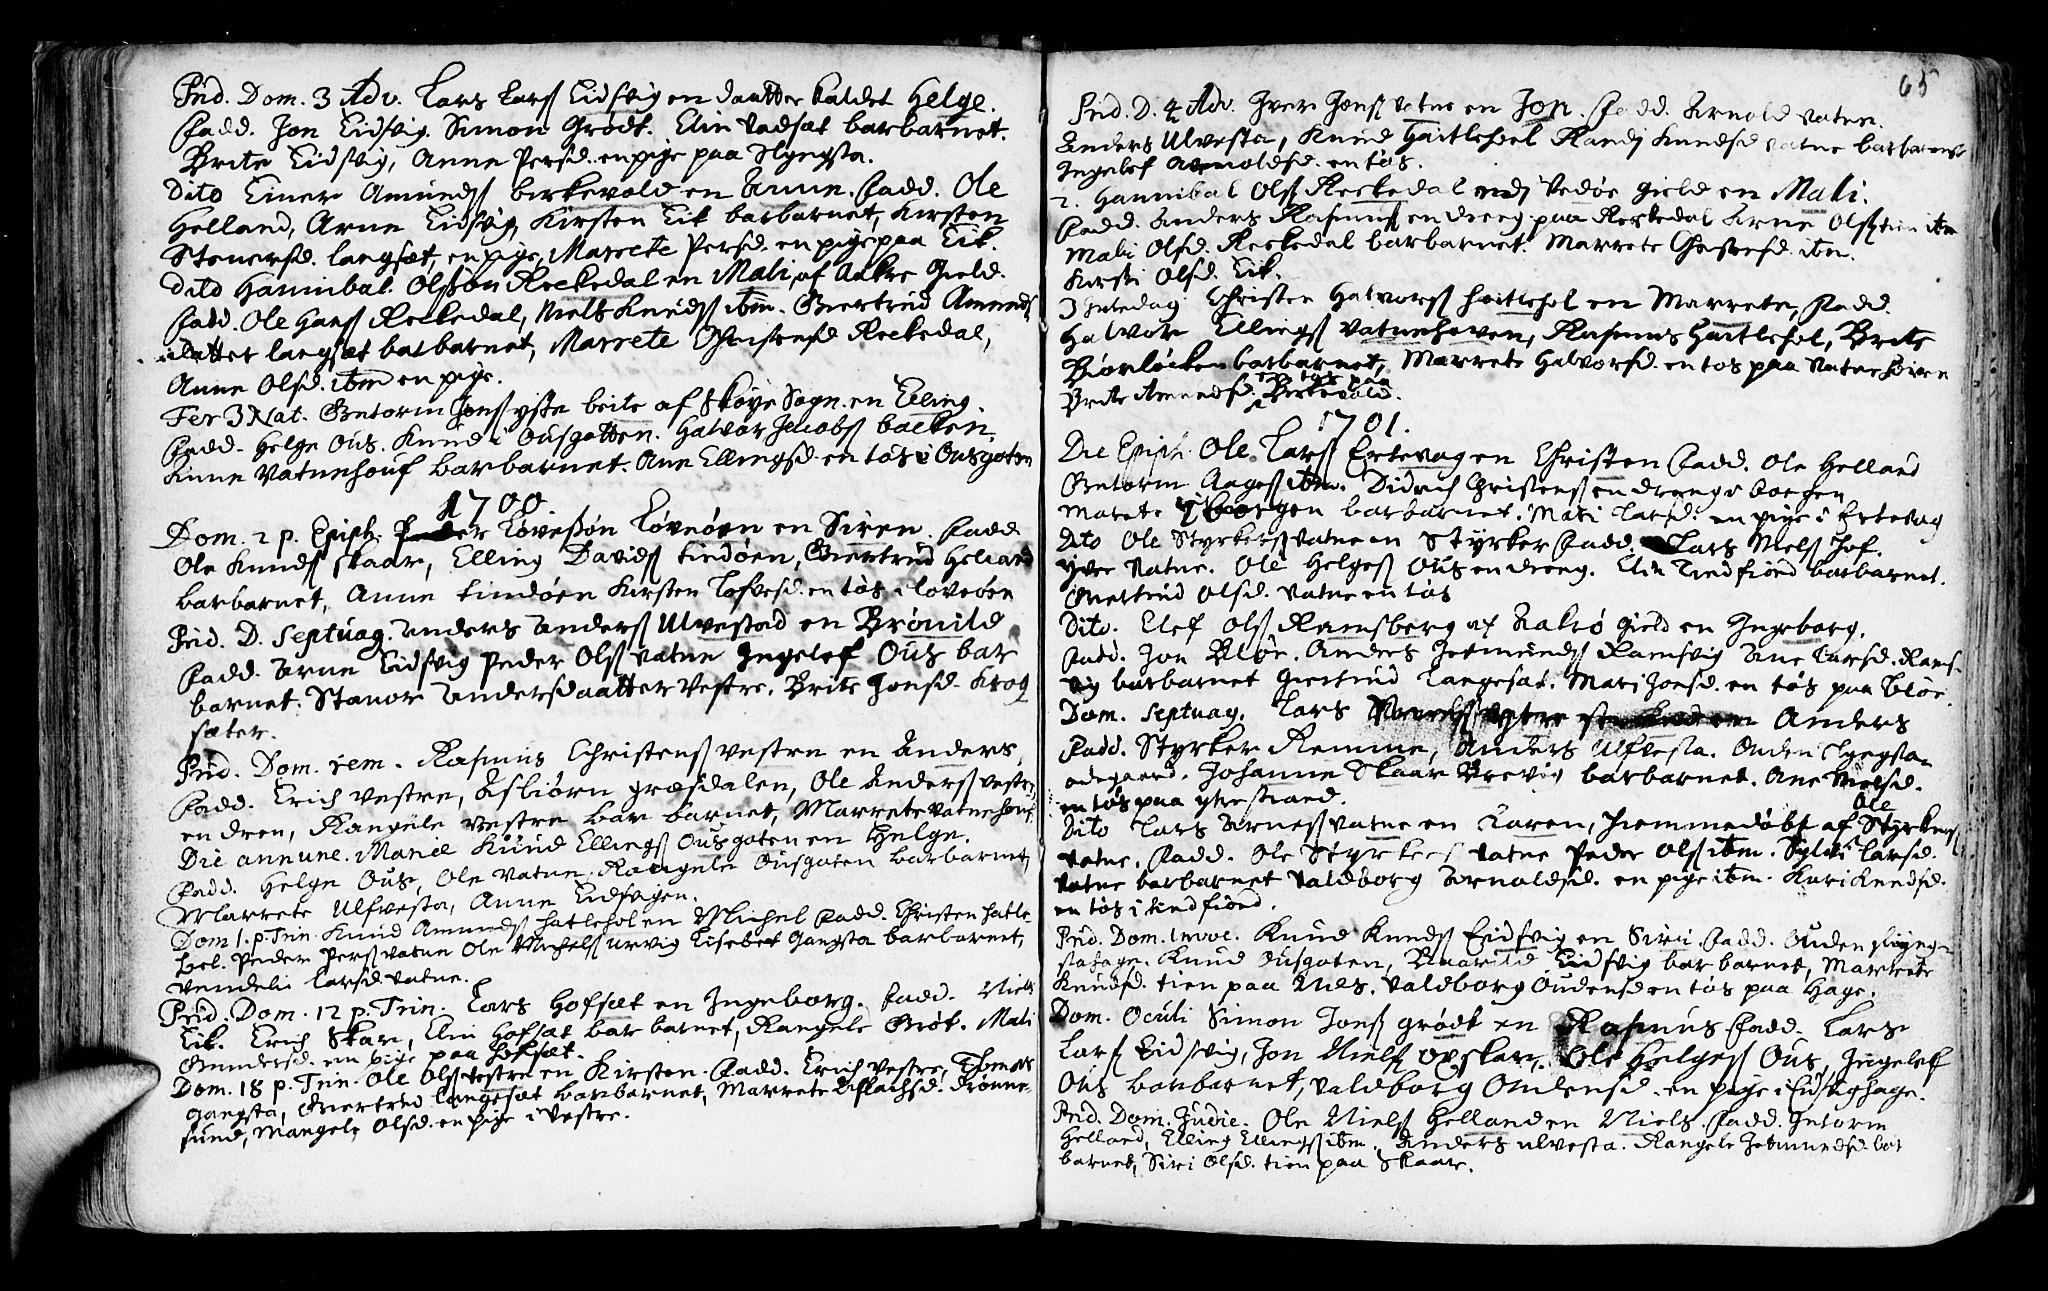 SAT, Ministerialprotokoller, klokkerbøker og fødselsregistre - Møre og Romsdal, 525/L0371: Ministerialbok nr. 525A01, 1699-1777, s. 65